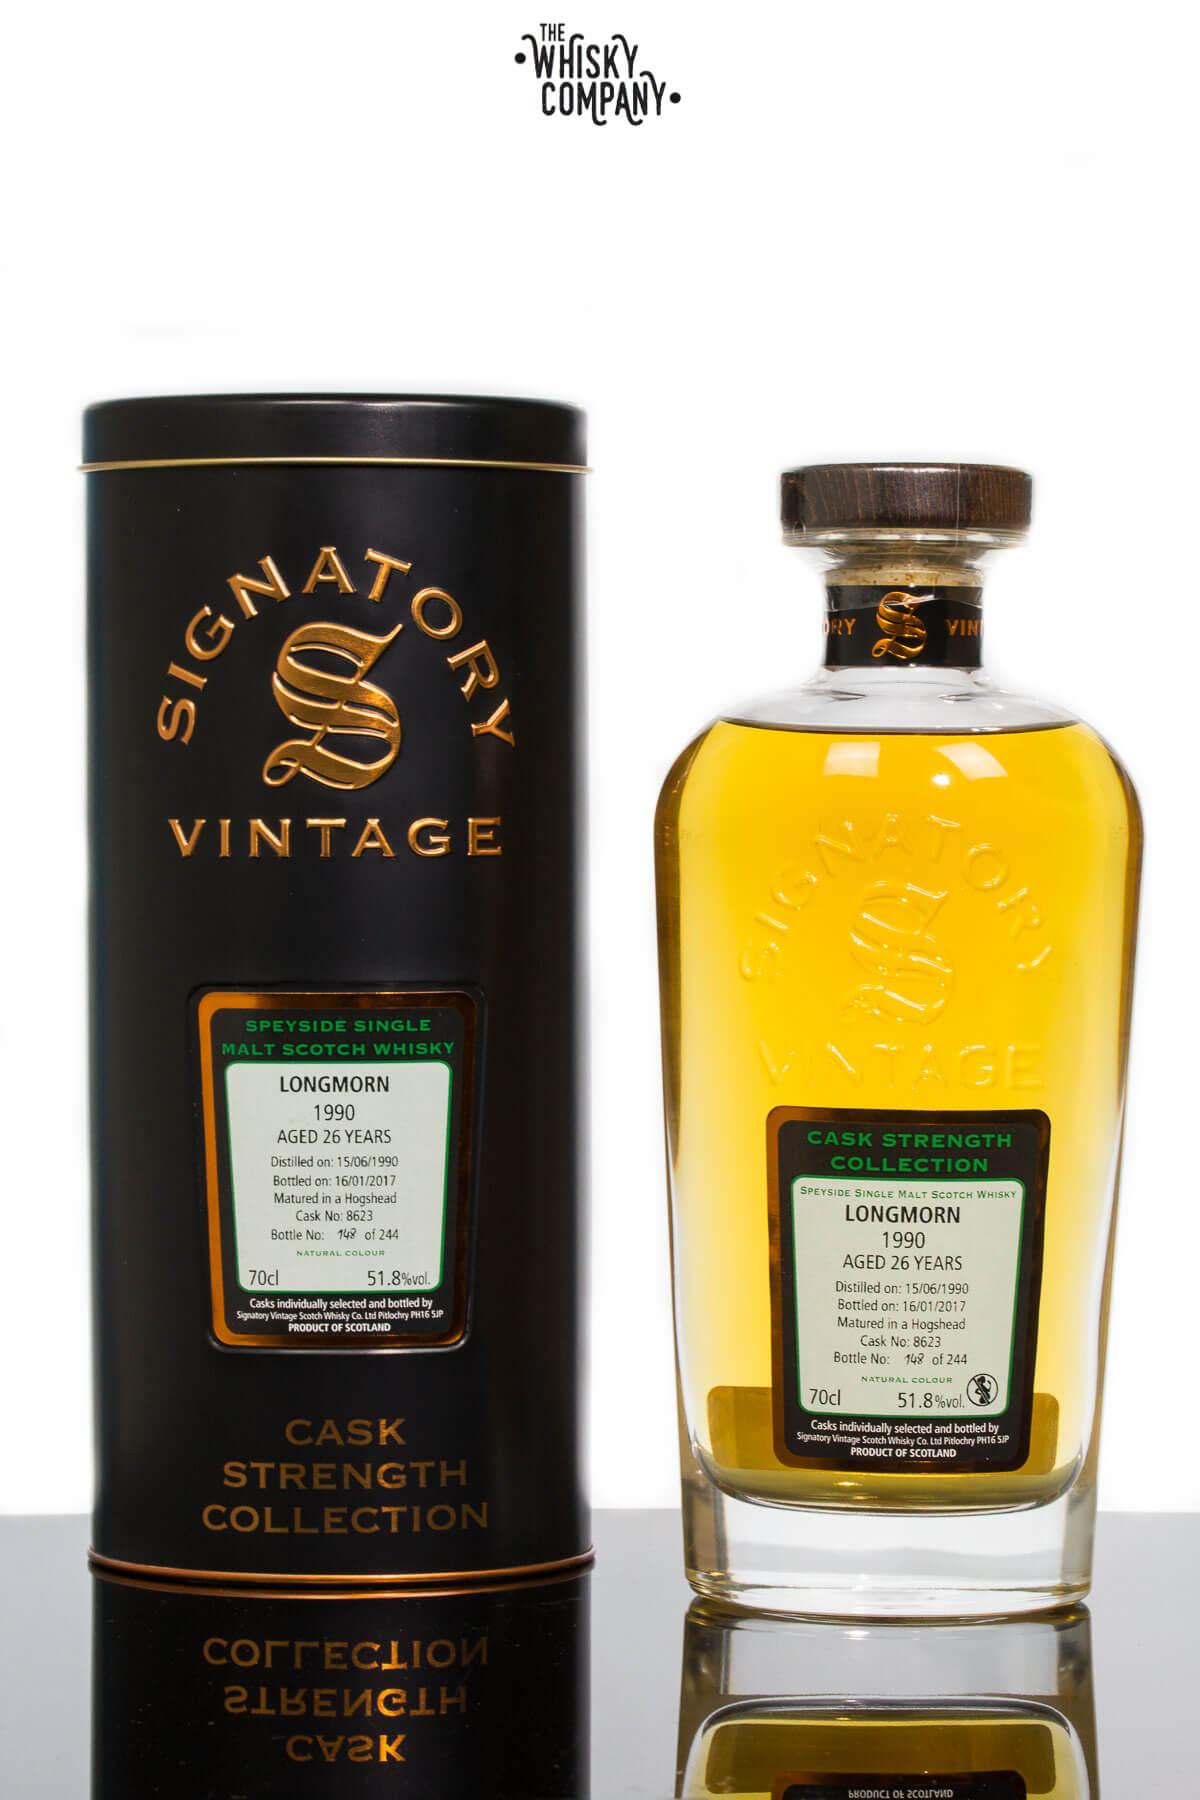 Longmorn 1990 Aged 26 Years - Signatory Vintage (700ml)